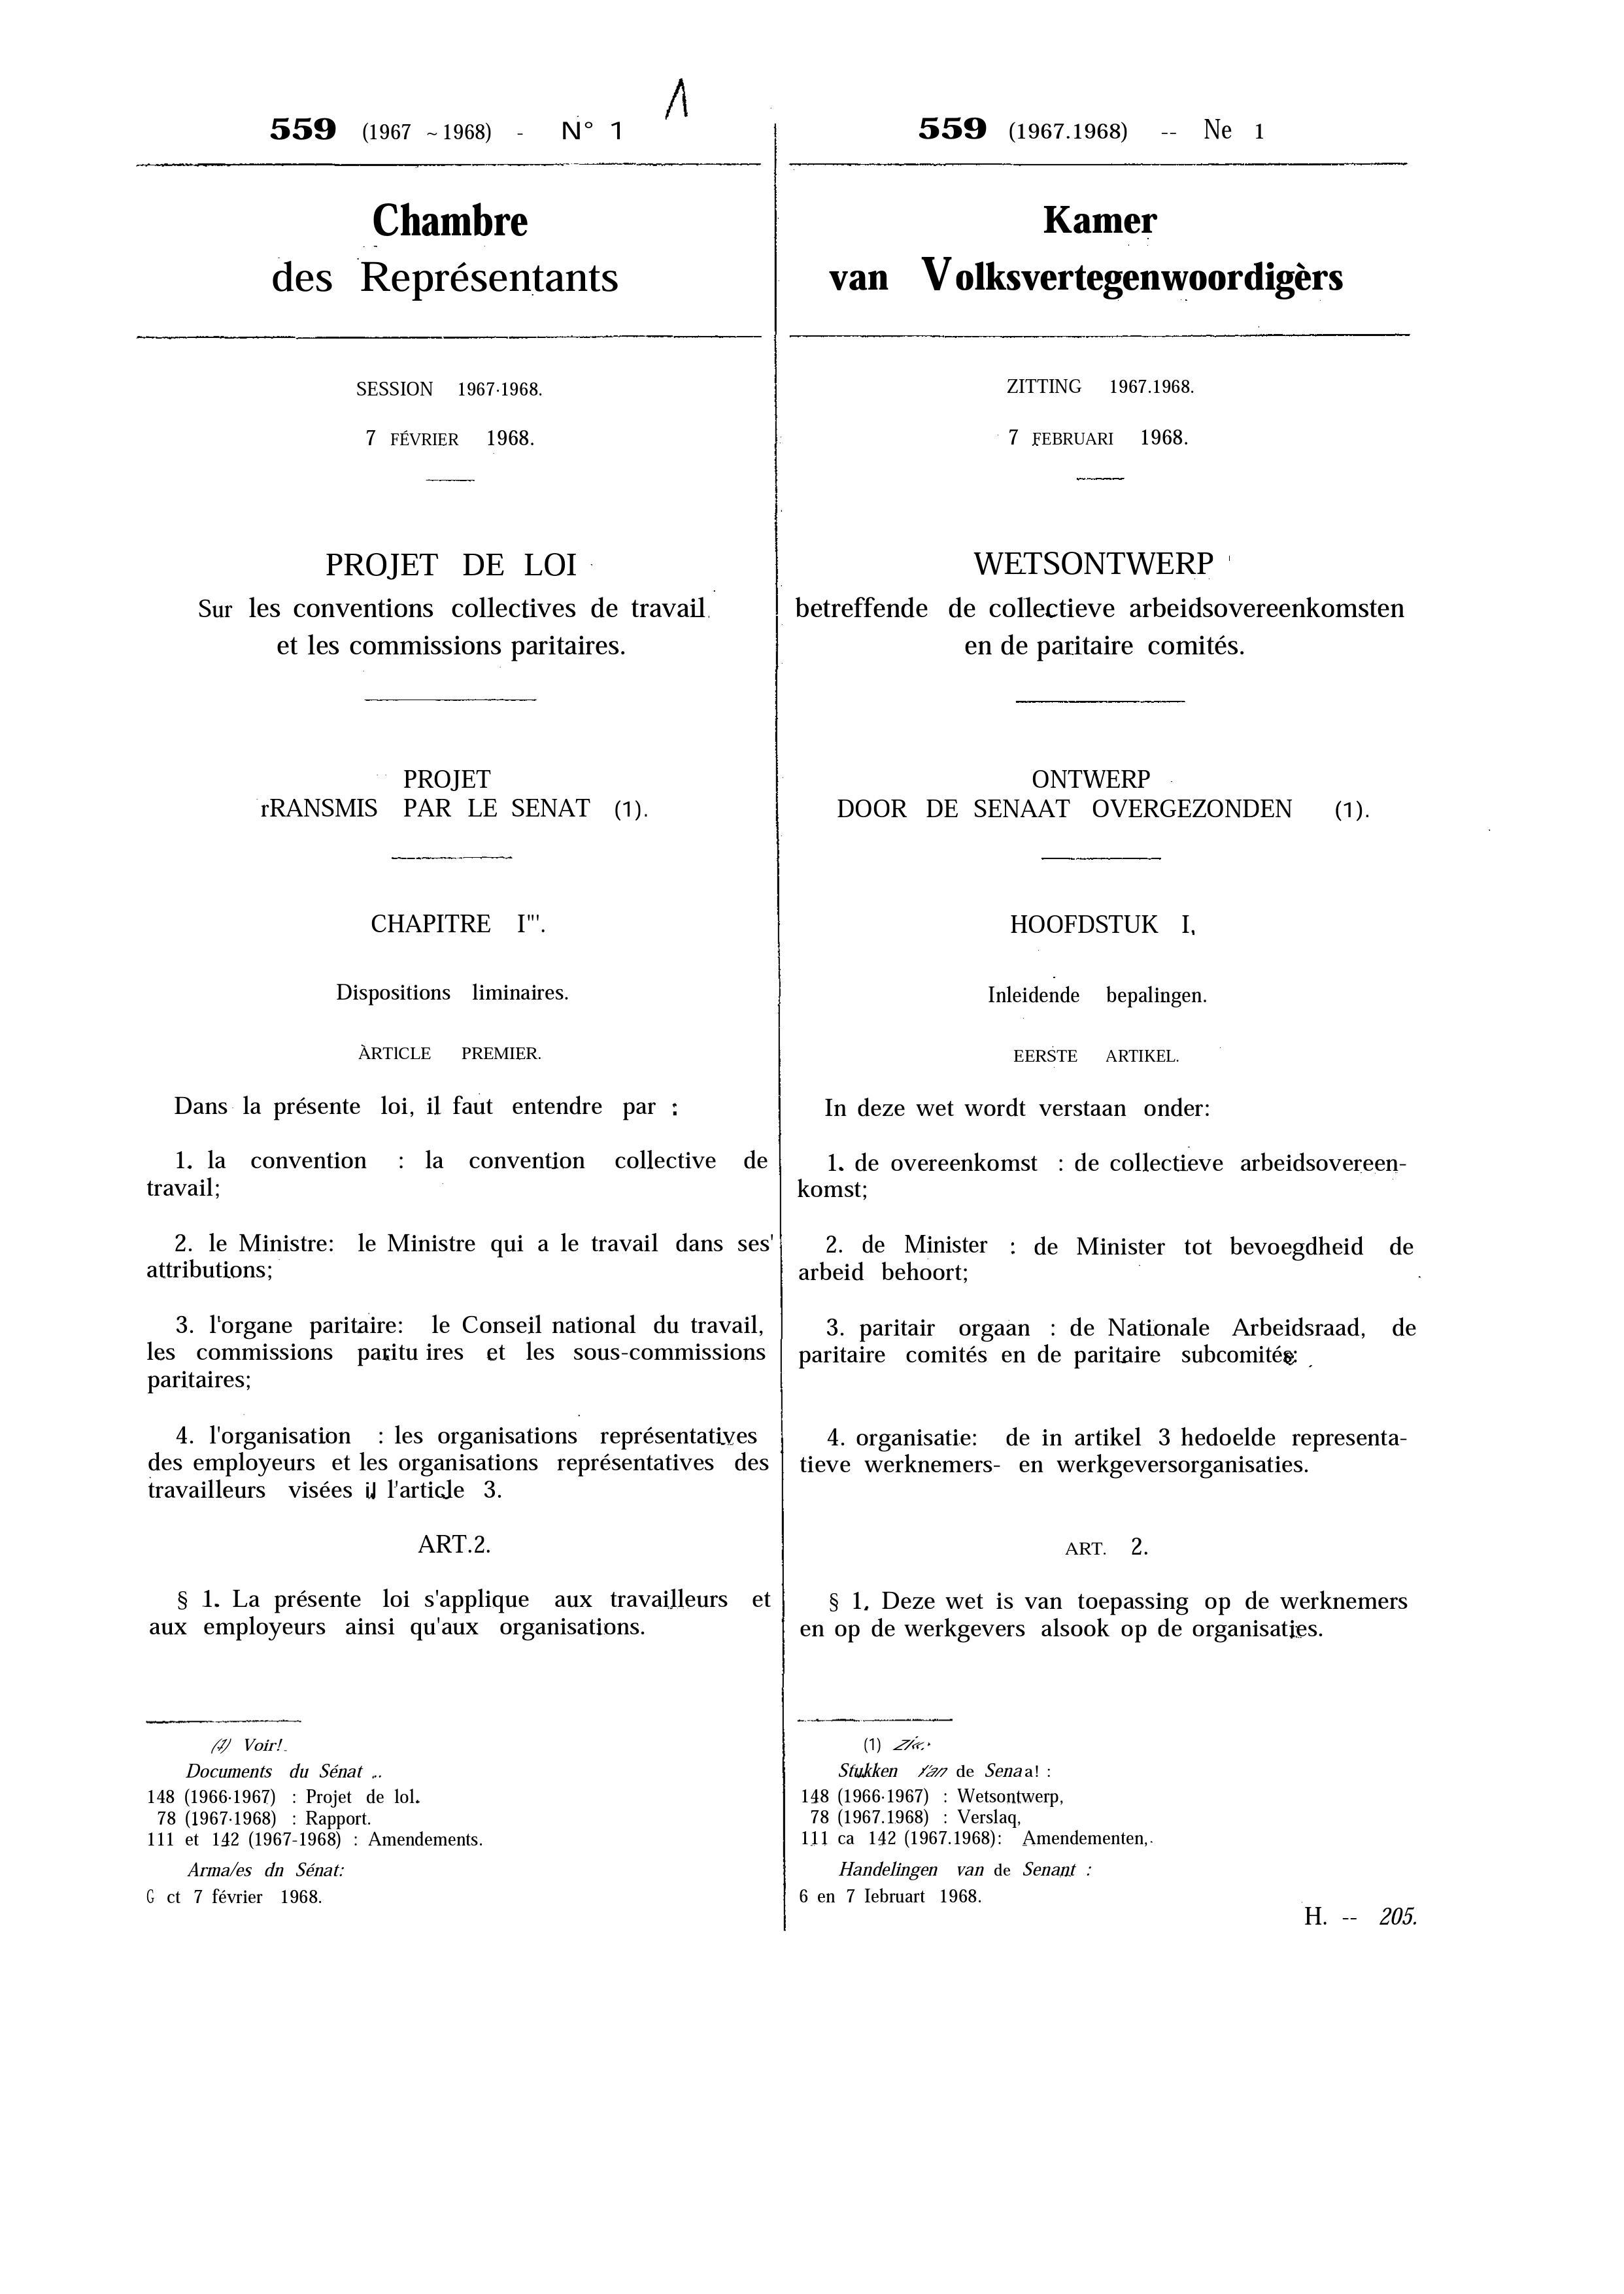 File:Projet de loi sur les conventions collectives de travail et